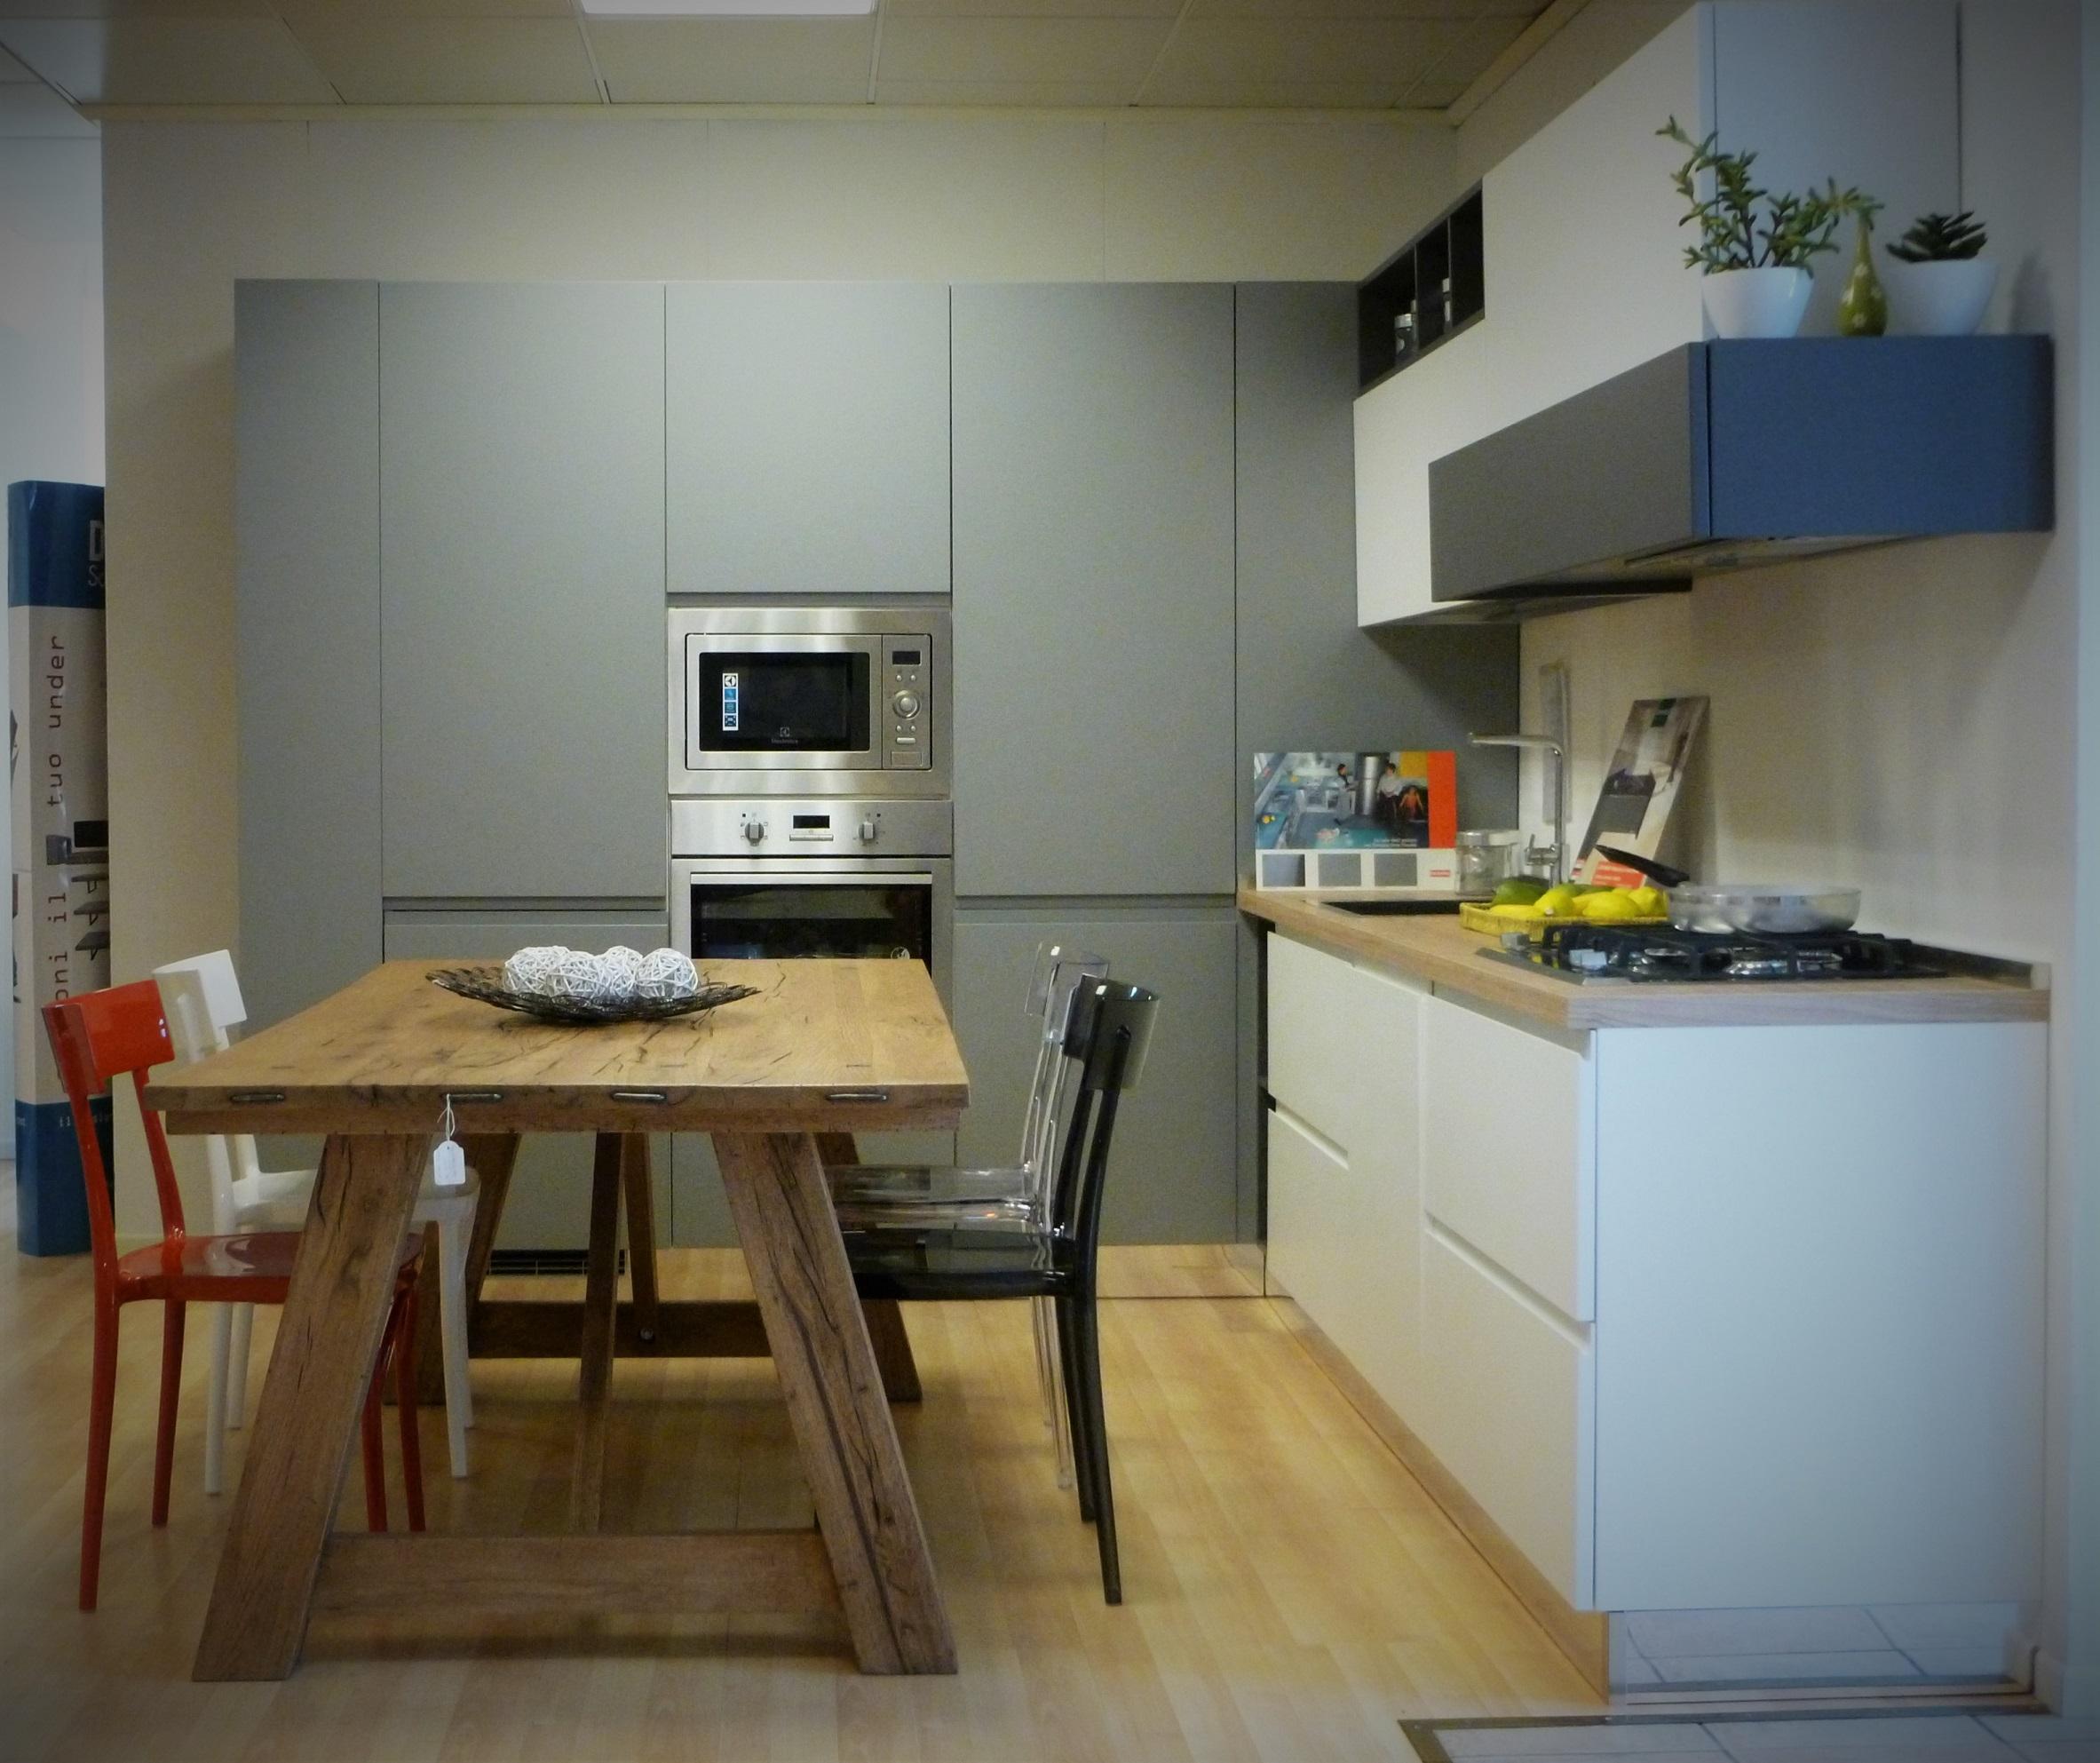 Cucina arredo3 wega moderno laccate opaco bianca cucine a prezzi scontati - Cucine wega prezzi ...